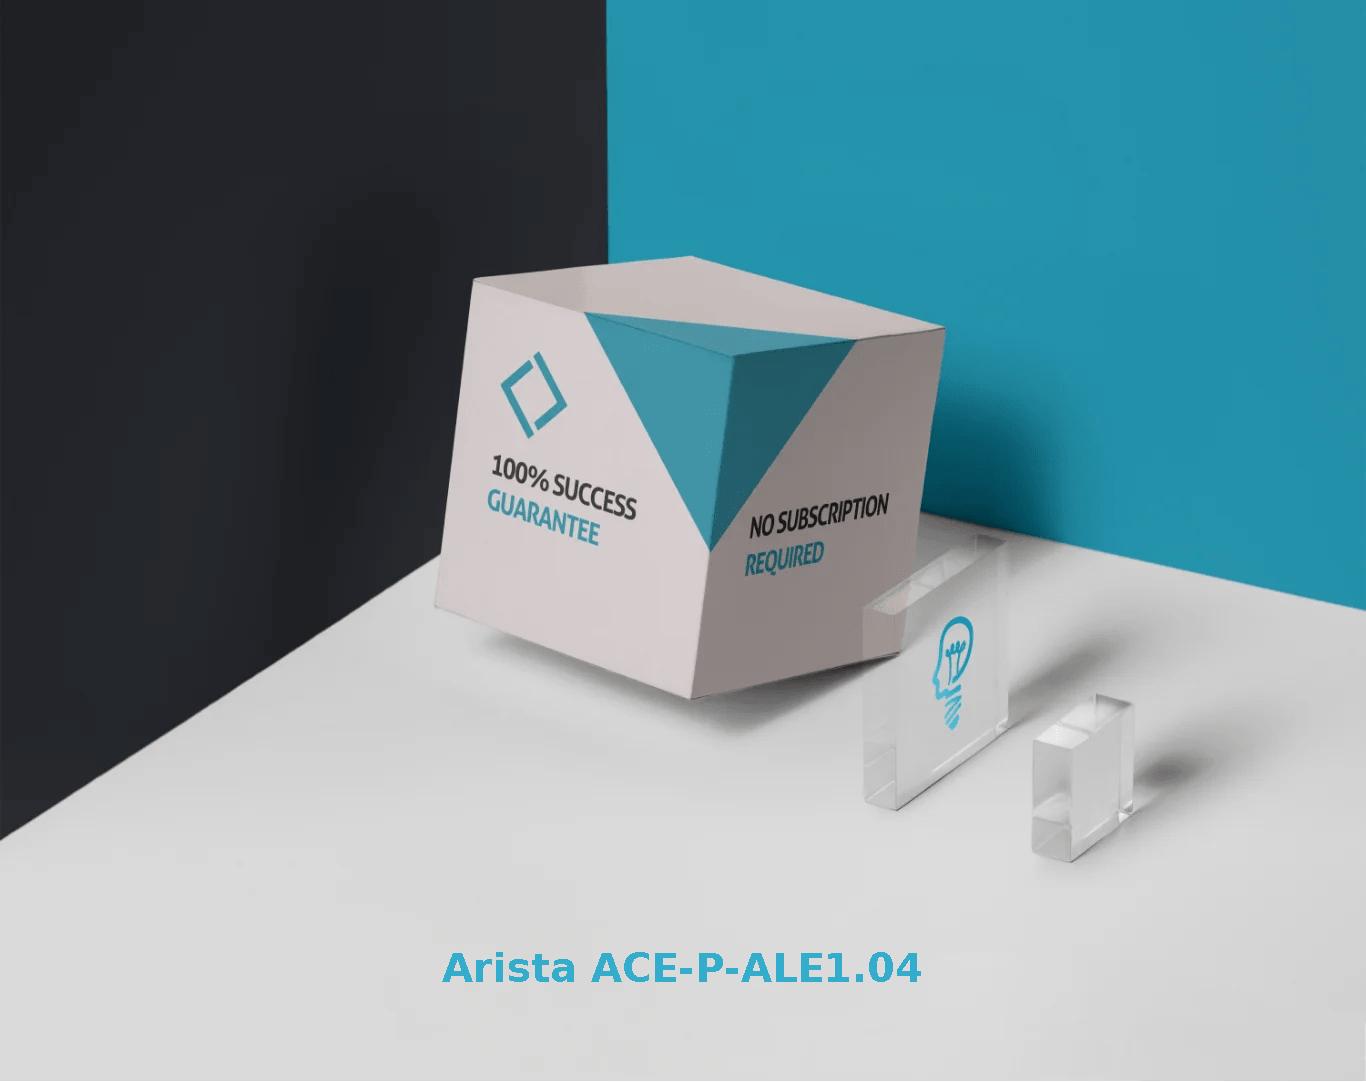 Arista ACE-P-ALE1.04 Exams